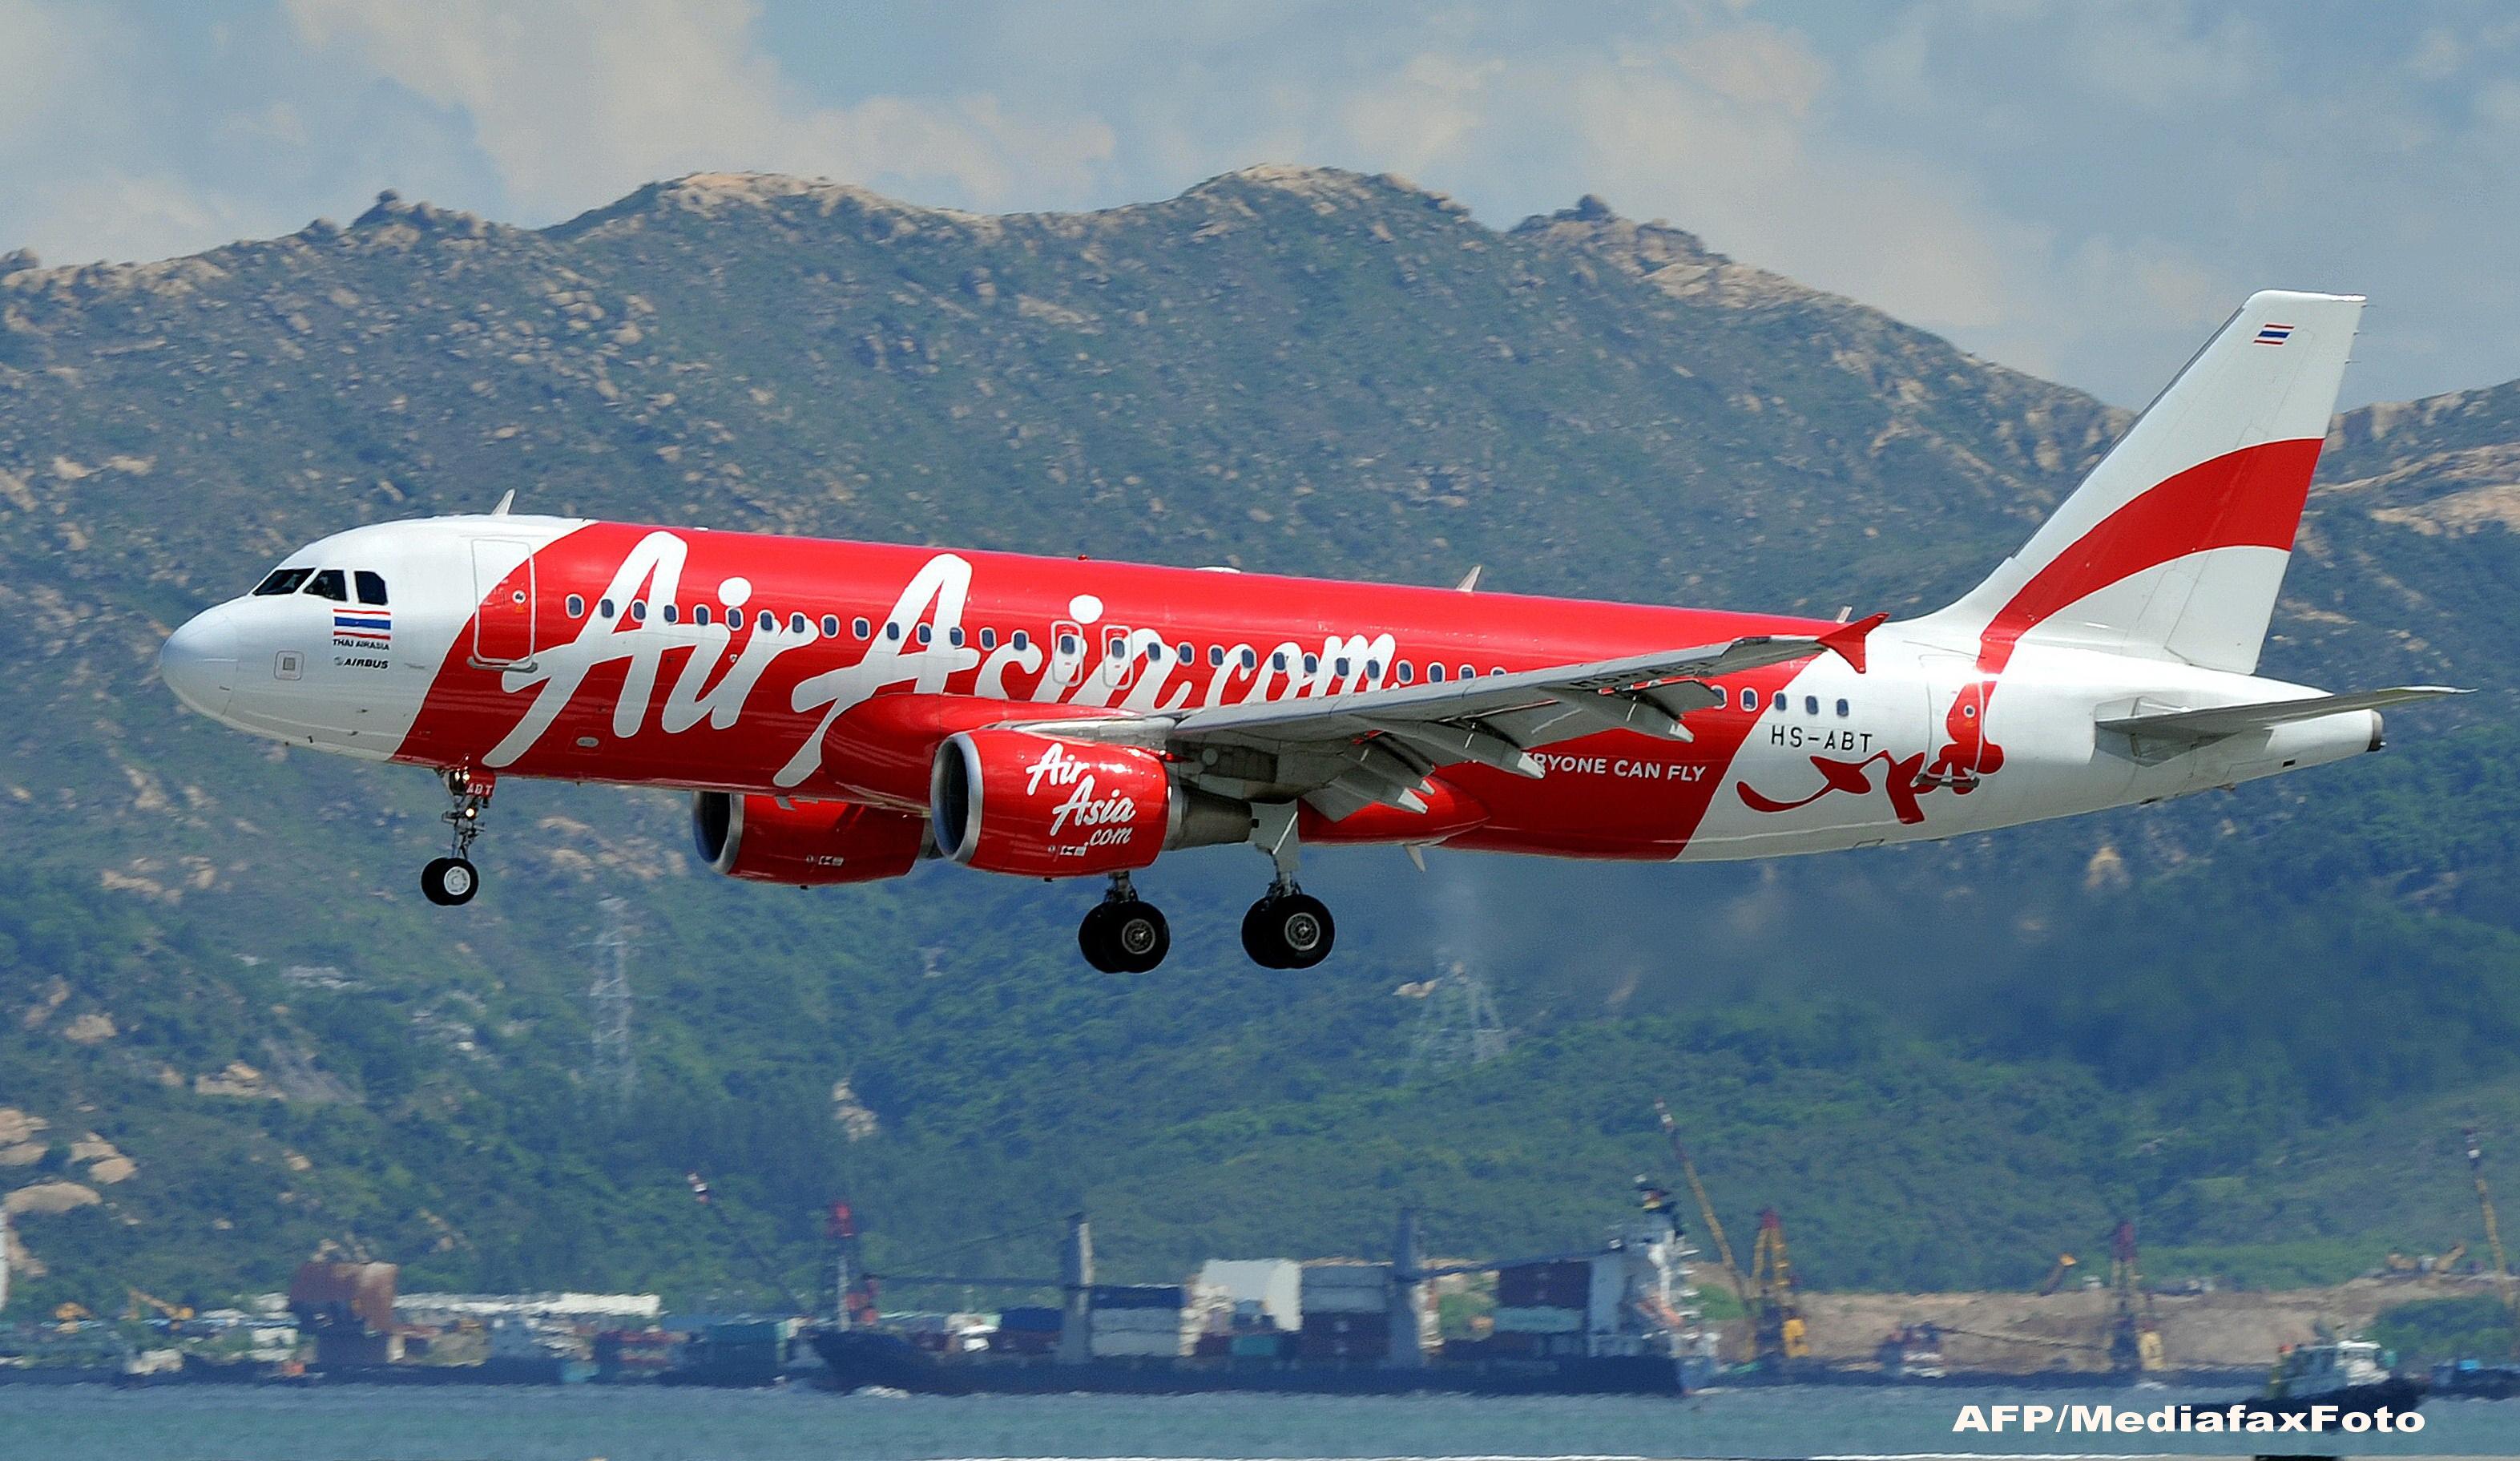 Un avion AirAsia cu 162 de persoane la bord a disparut de pe radare. Operatiunile de cautare au fost oprite